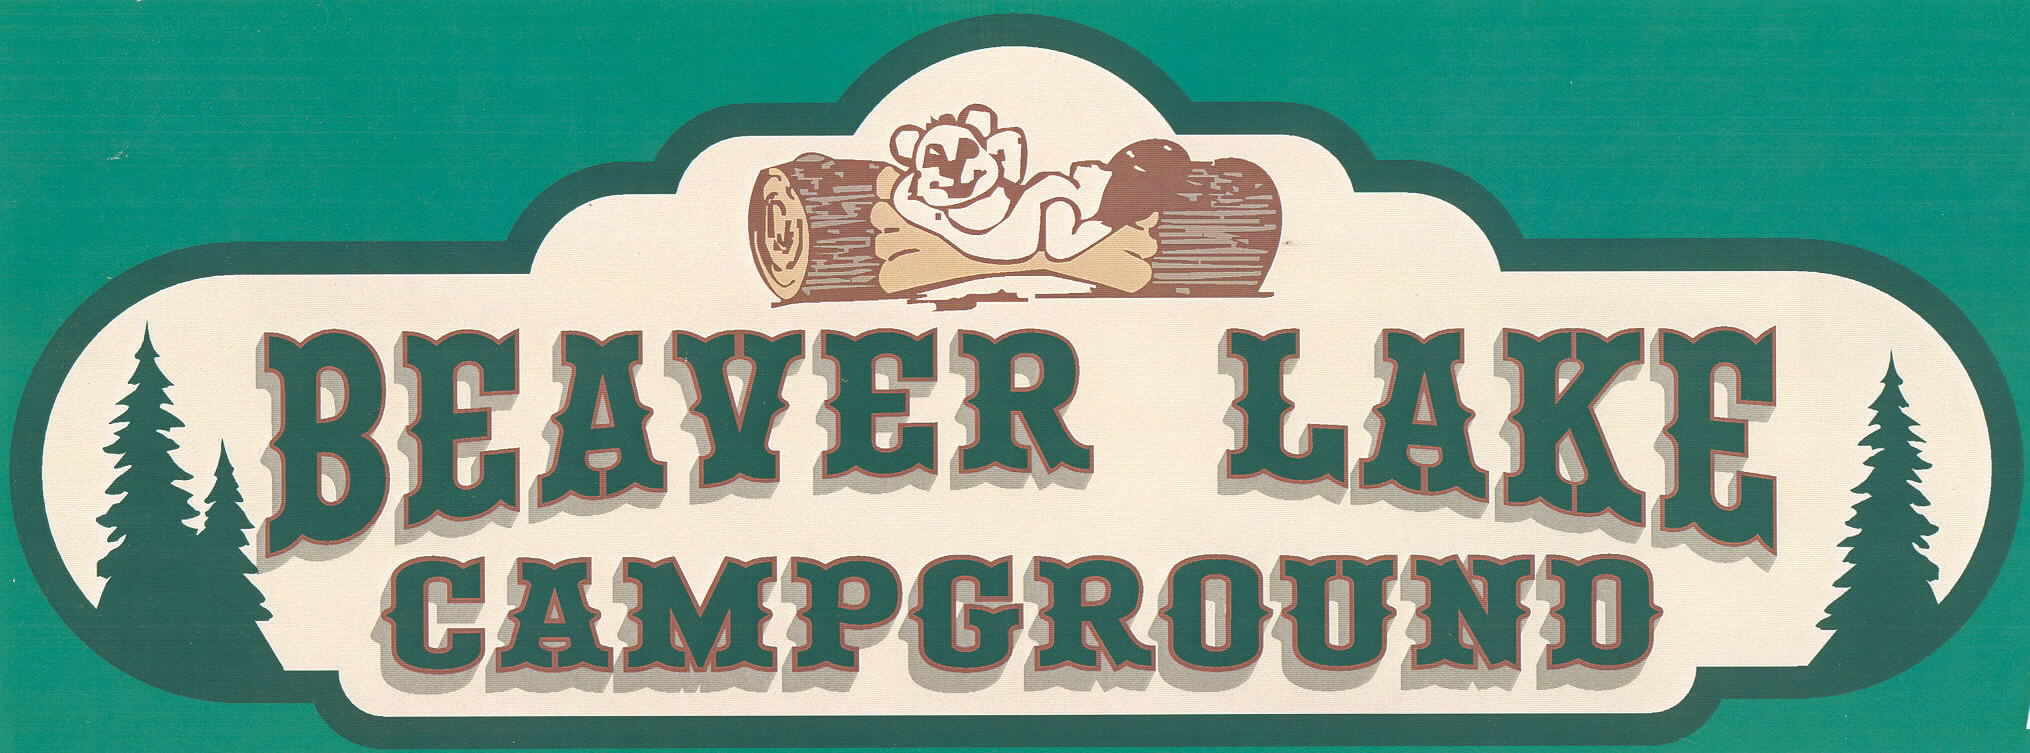 Beaver Lake Campground